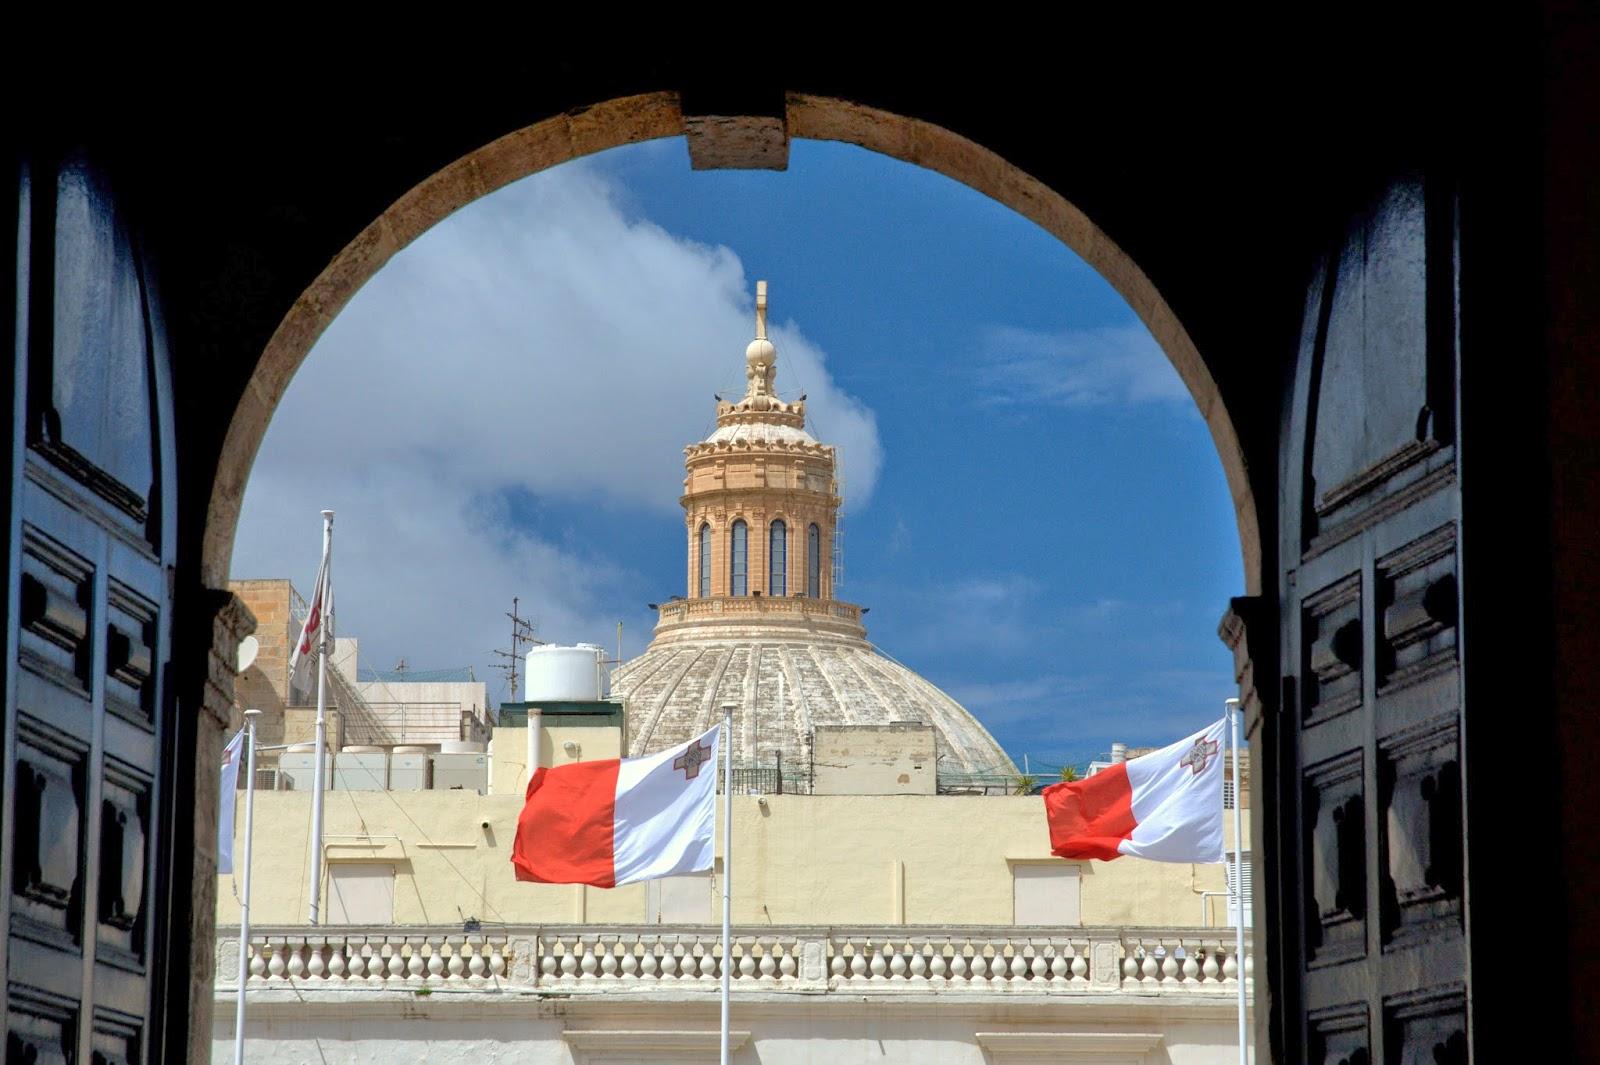 Malta w kwietniu jaka pogoda?